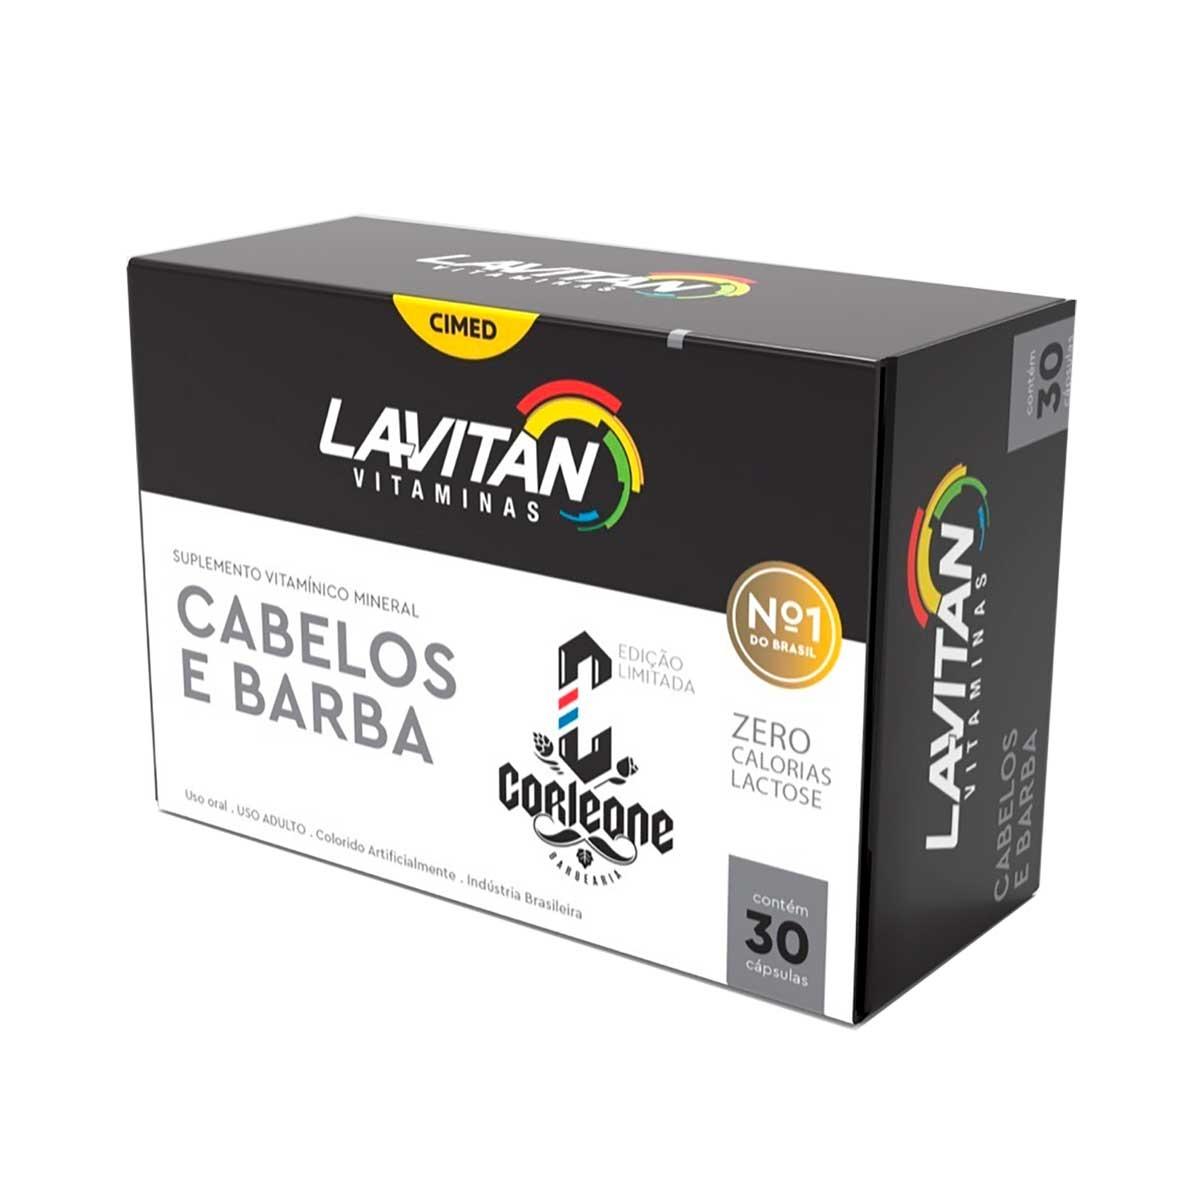 Suplemento Vitamínico Lavitan Cabelos e Barba com 30 cápsulas 30 Cápsulas